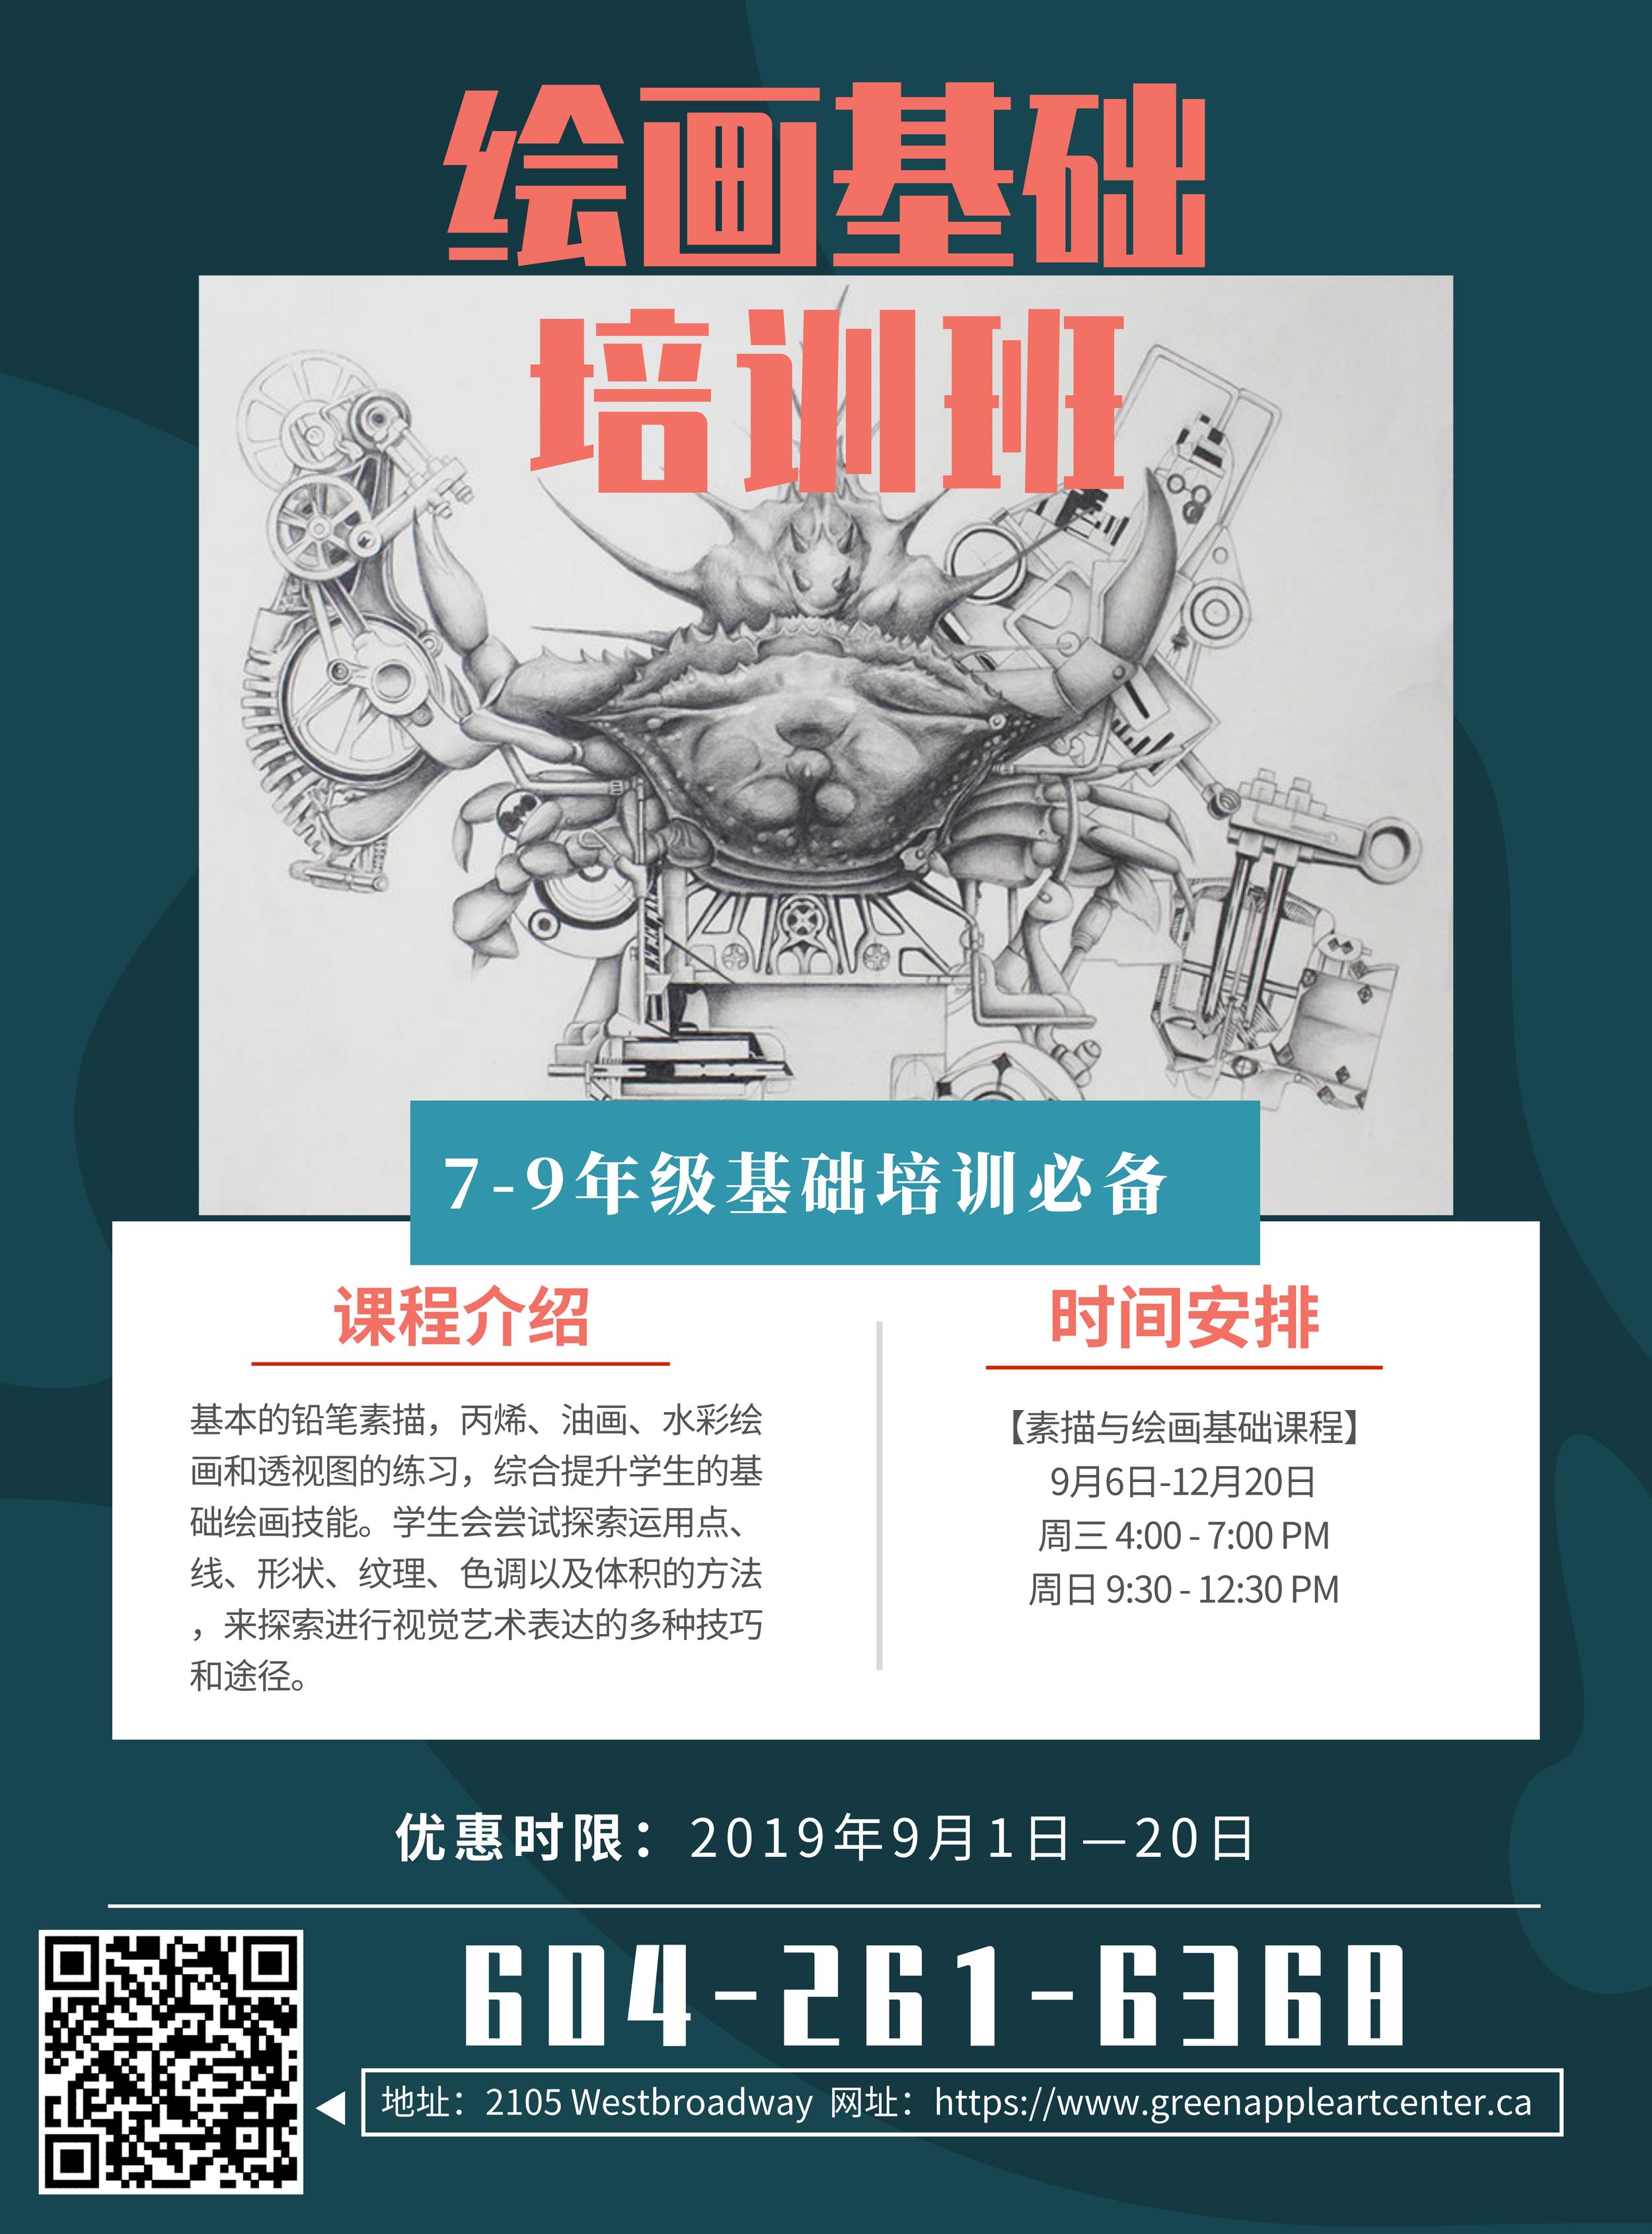 默认标题_张贴海报_2019.08.21.png